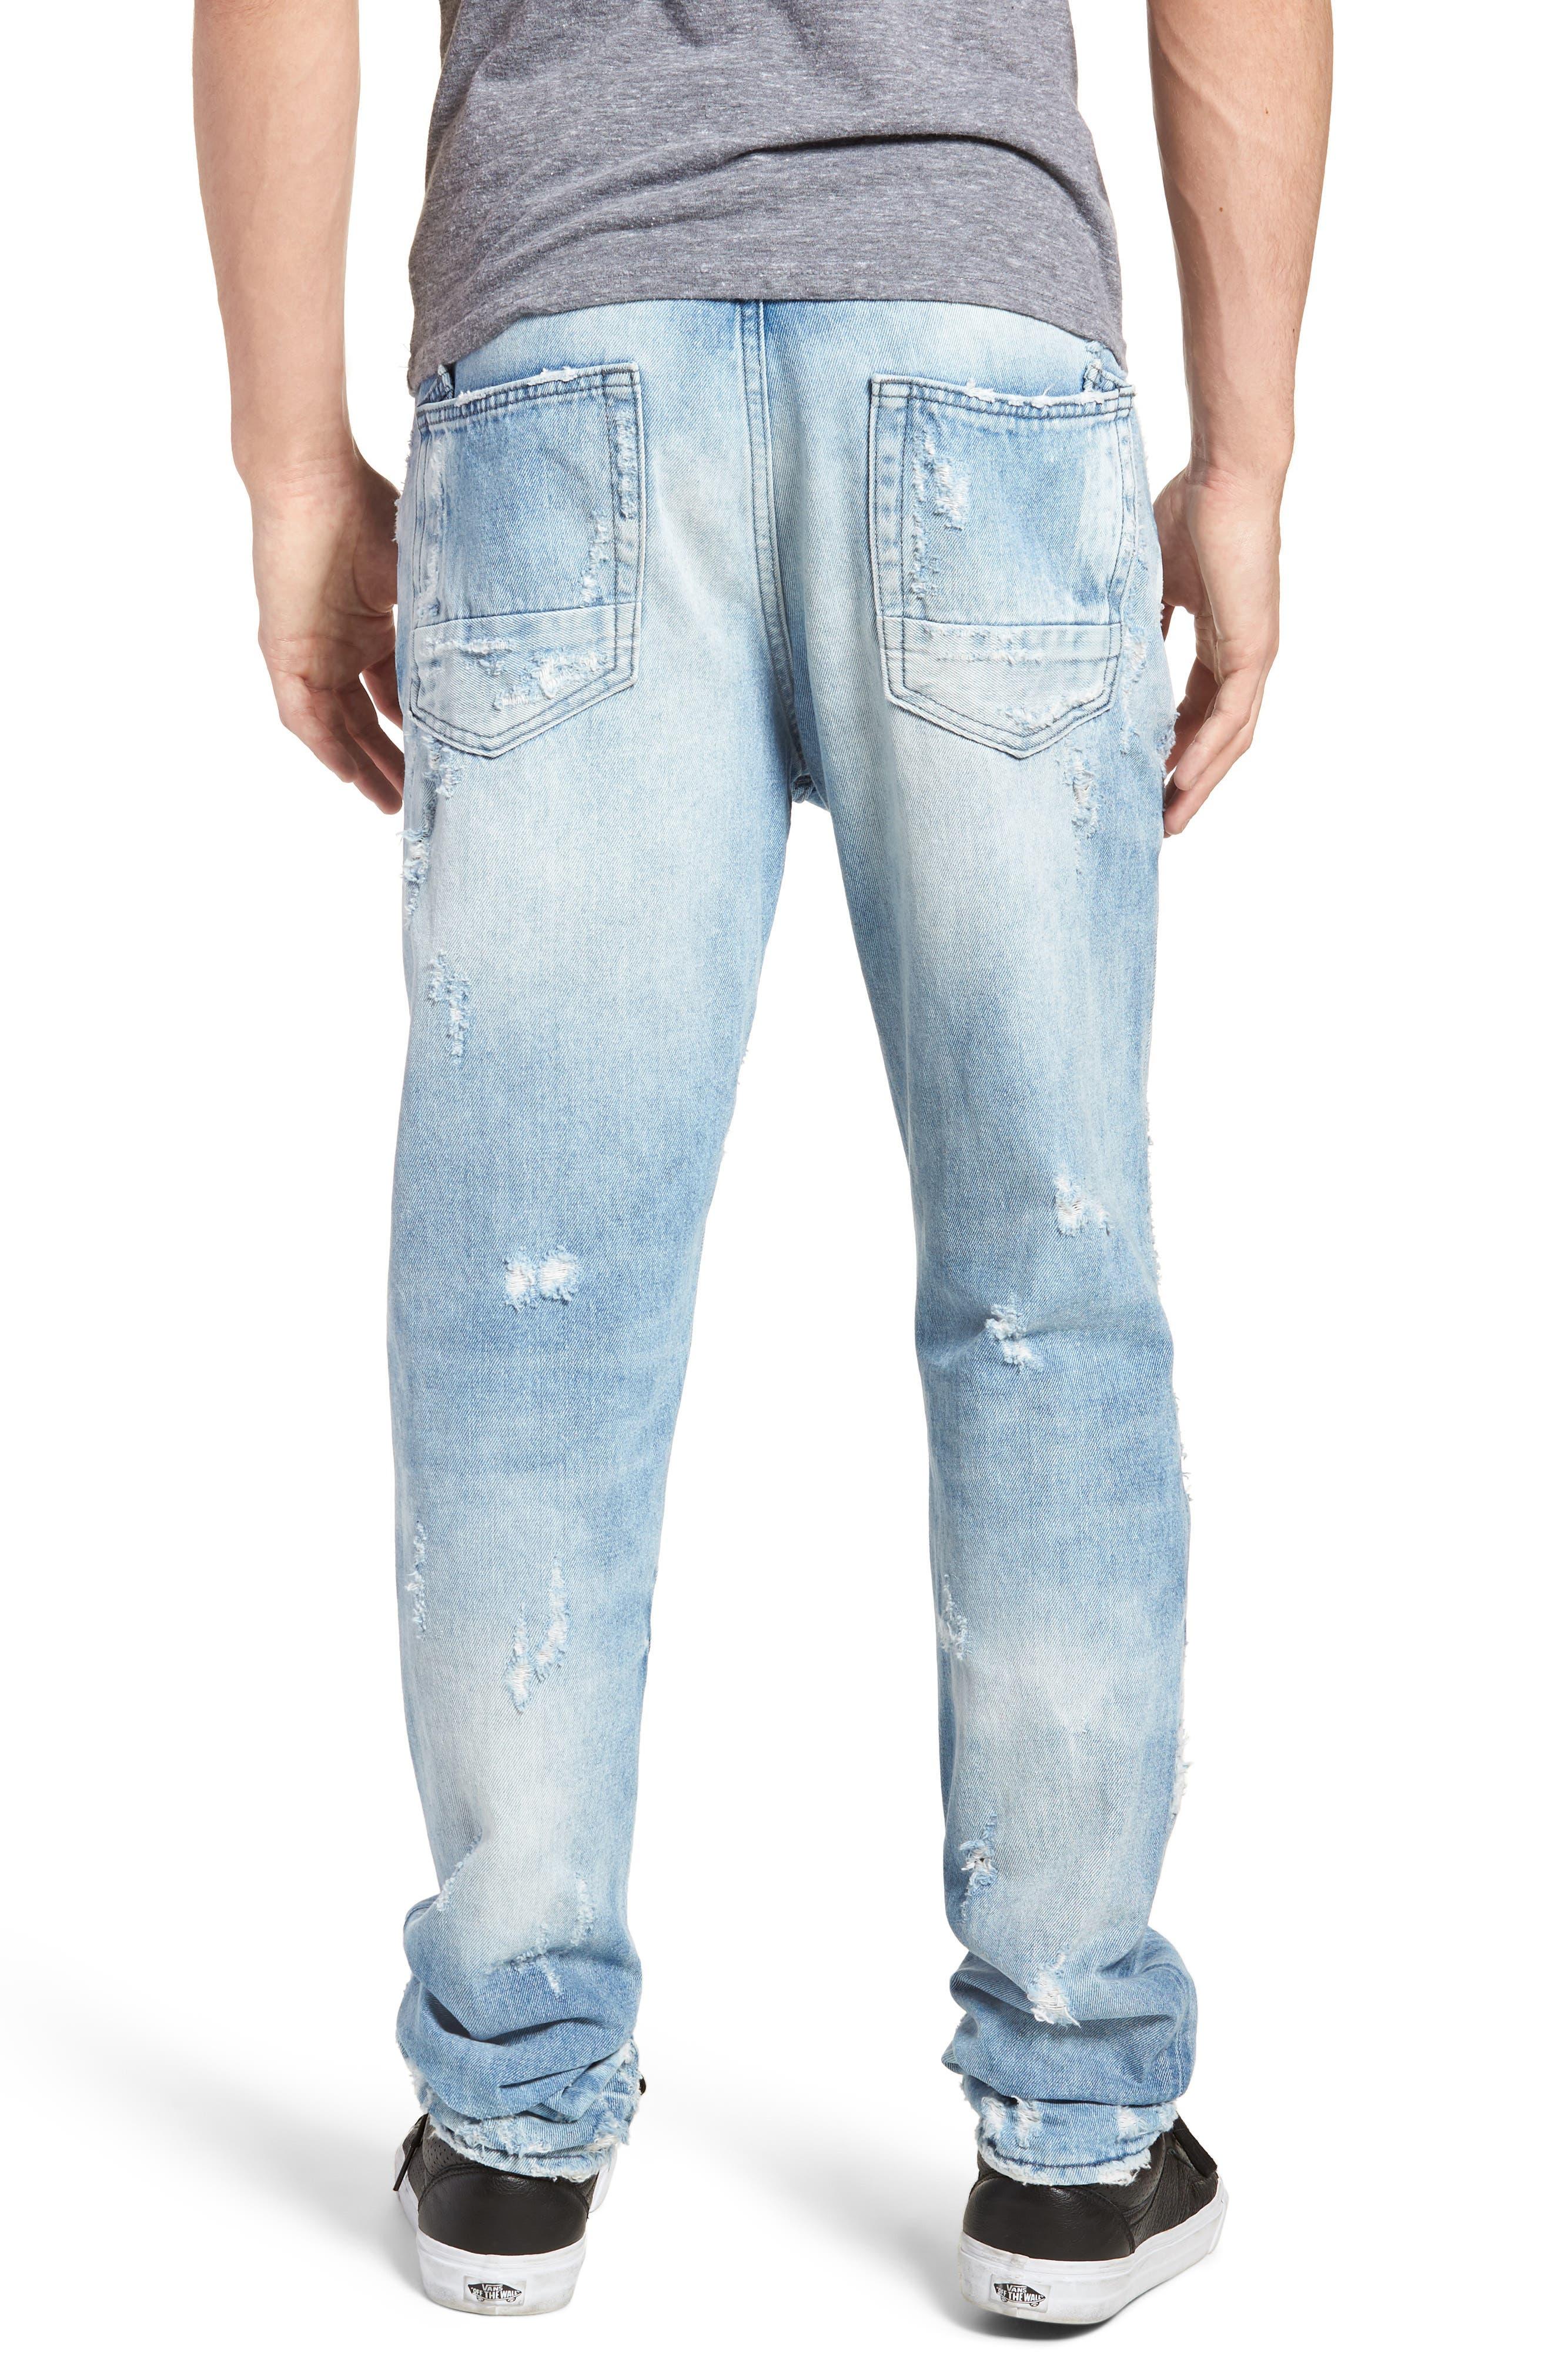 Le Sabre Slim Fit Jeans,                             Alternate thumbnail 2, color,                             454